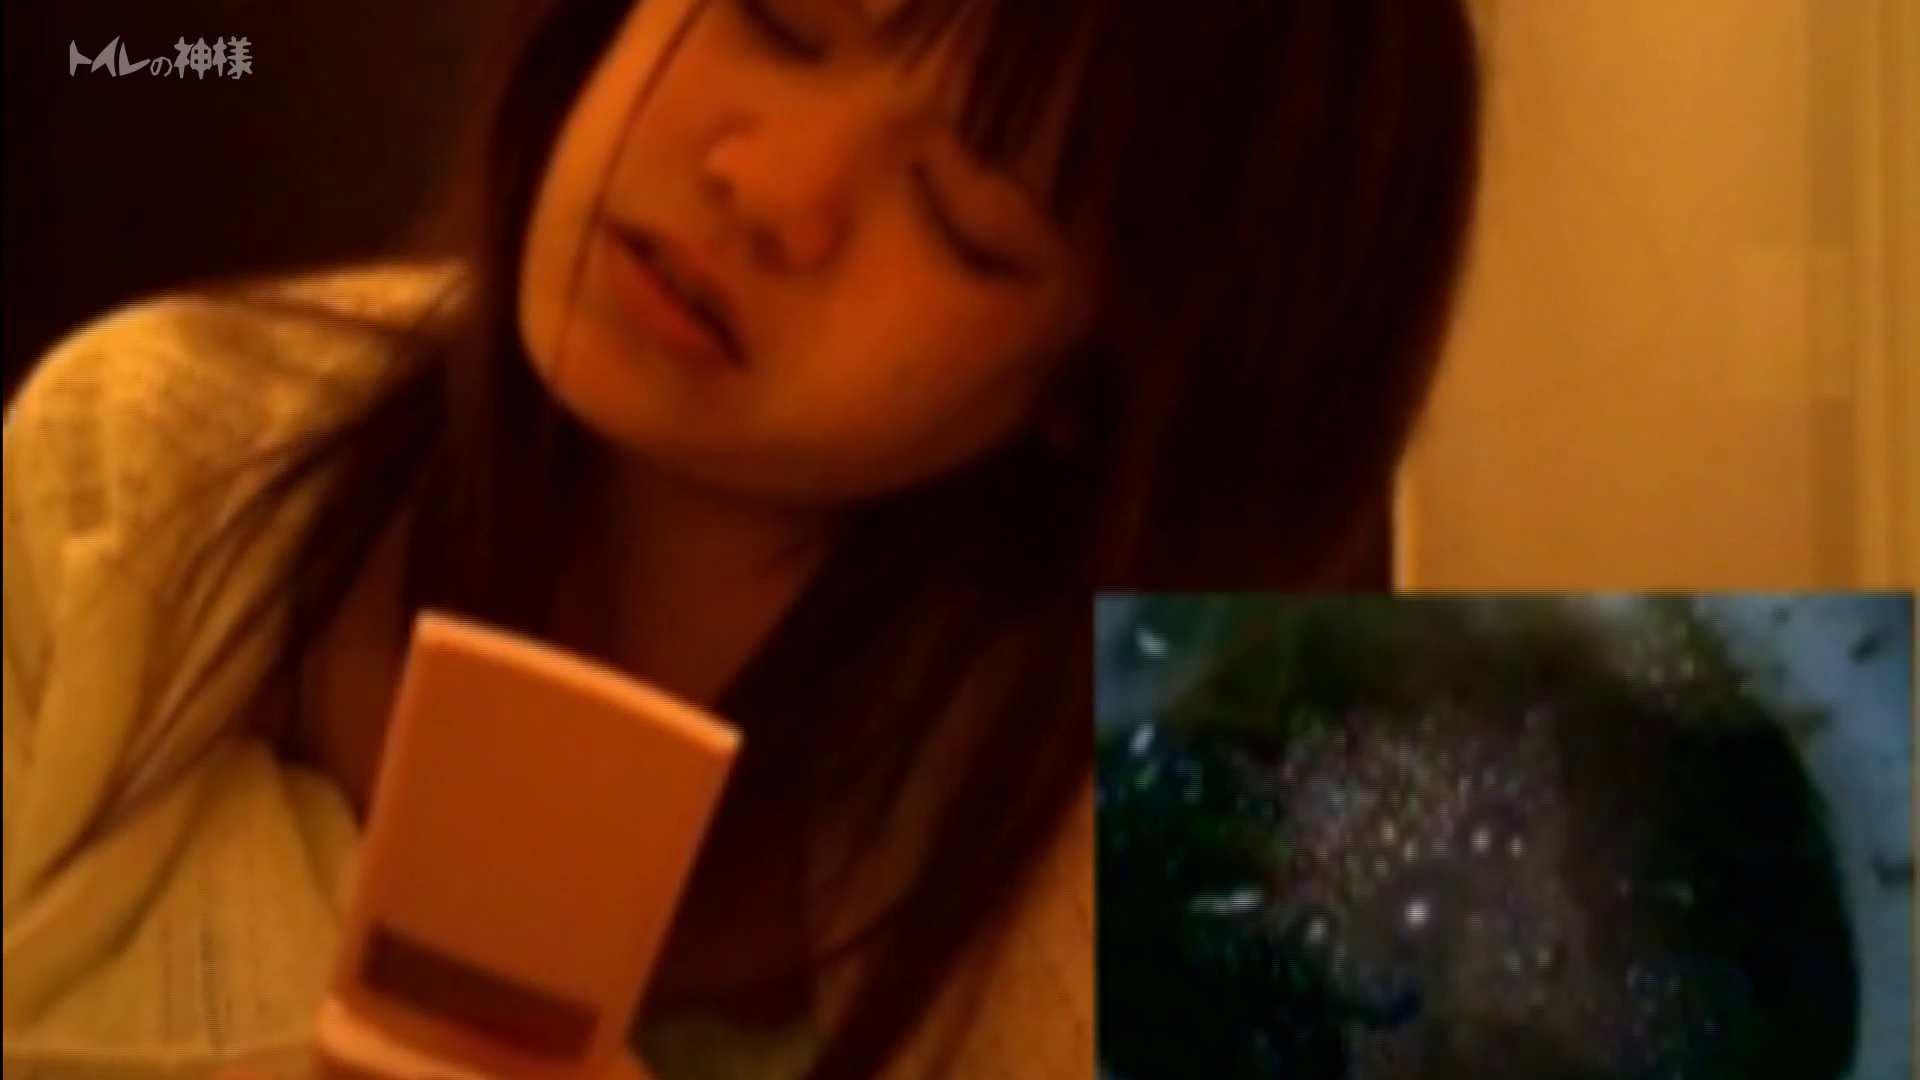 トイレの神様 Vol.03 彼女のうんち隠し撮り OLのボディ | トイレの実態  81PIX 33